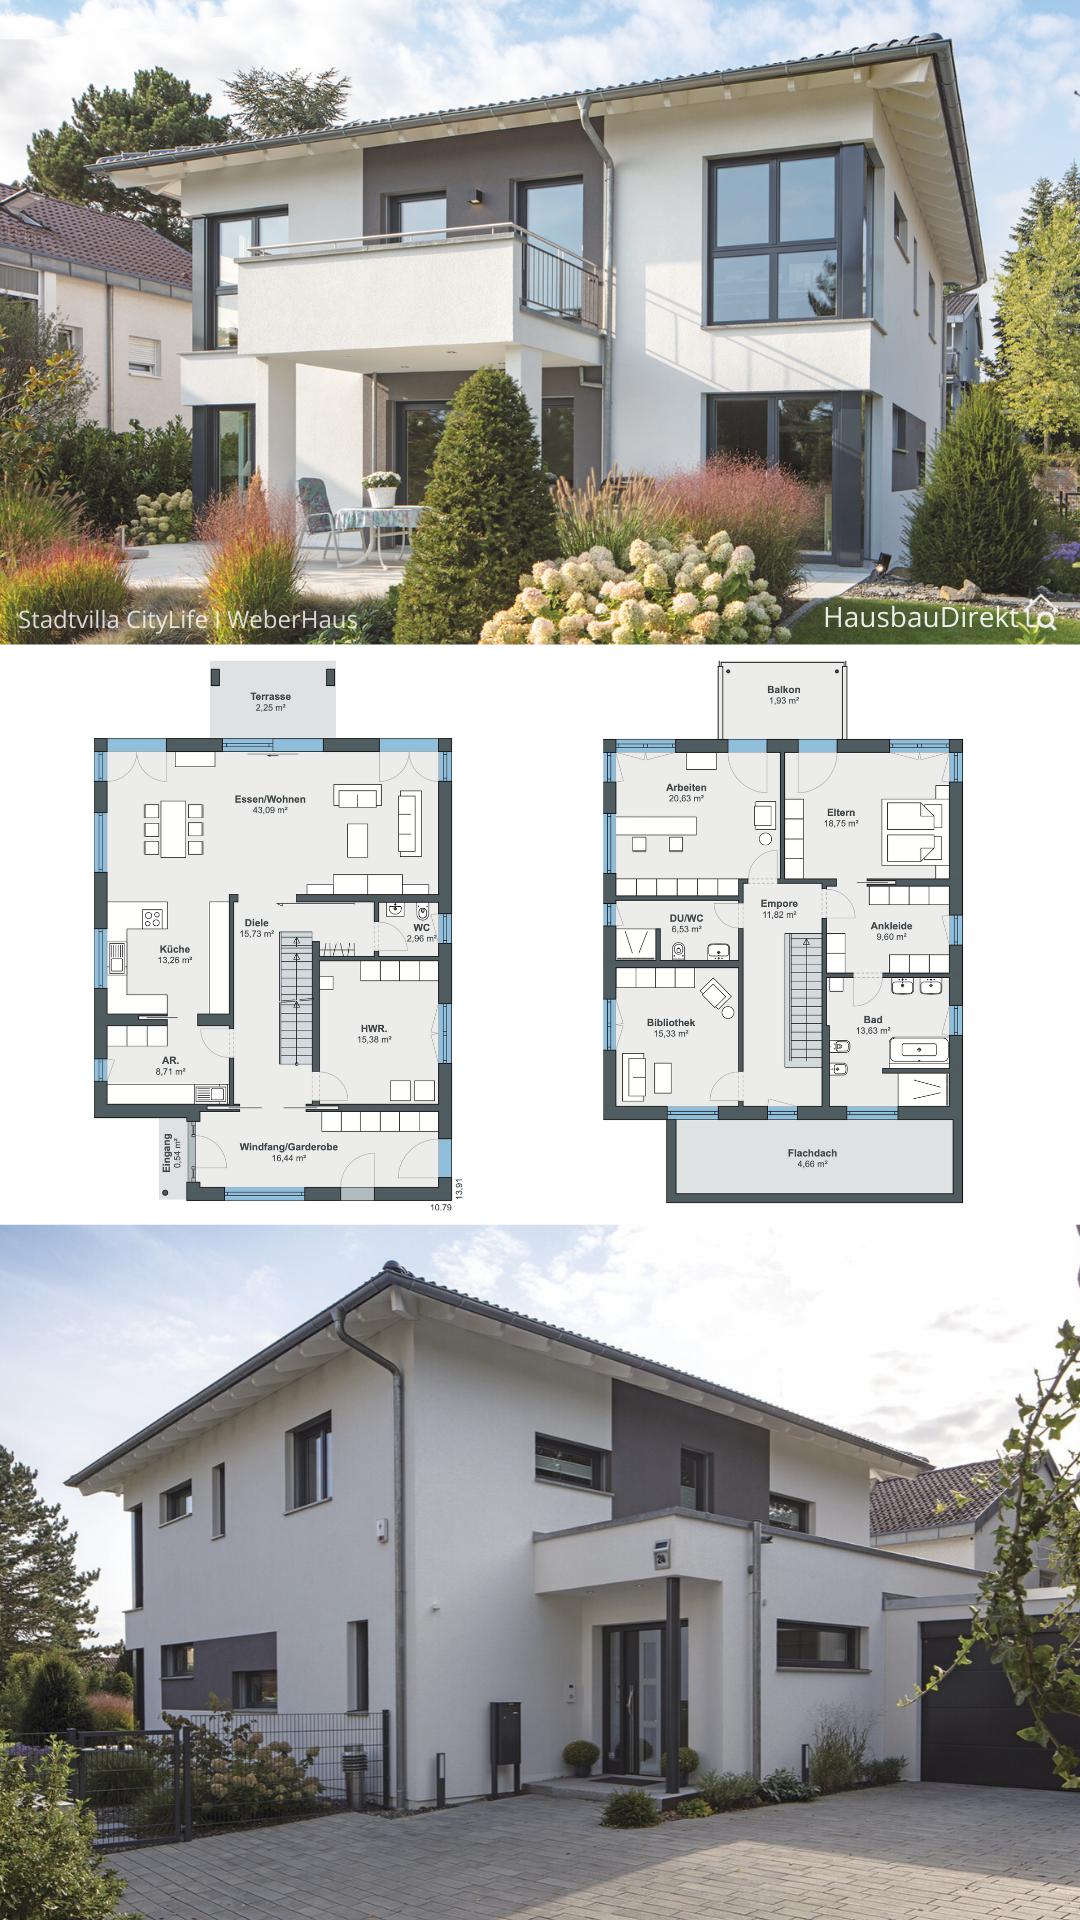 Stadtvilla modern mit Walmdach Garage & Balkon bauen Haus Grundriss Ideen 5 Zimmer 220 qm